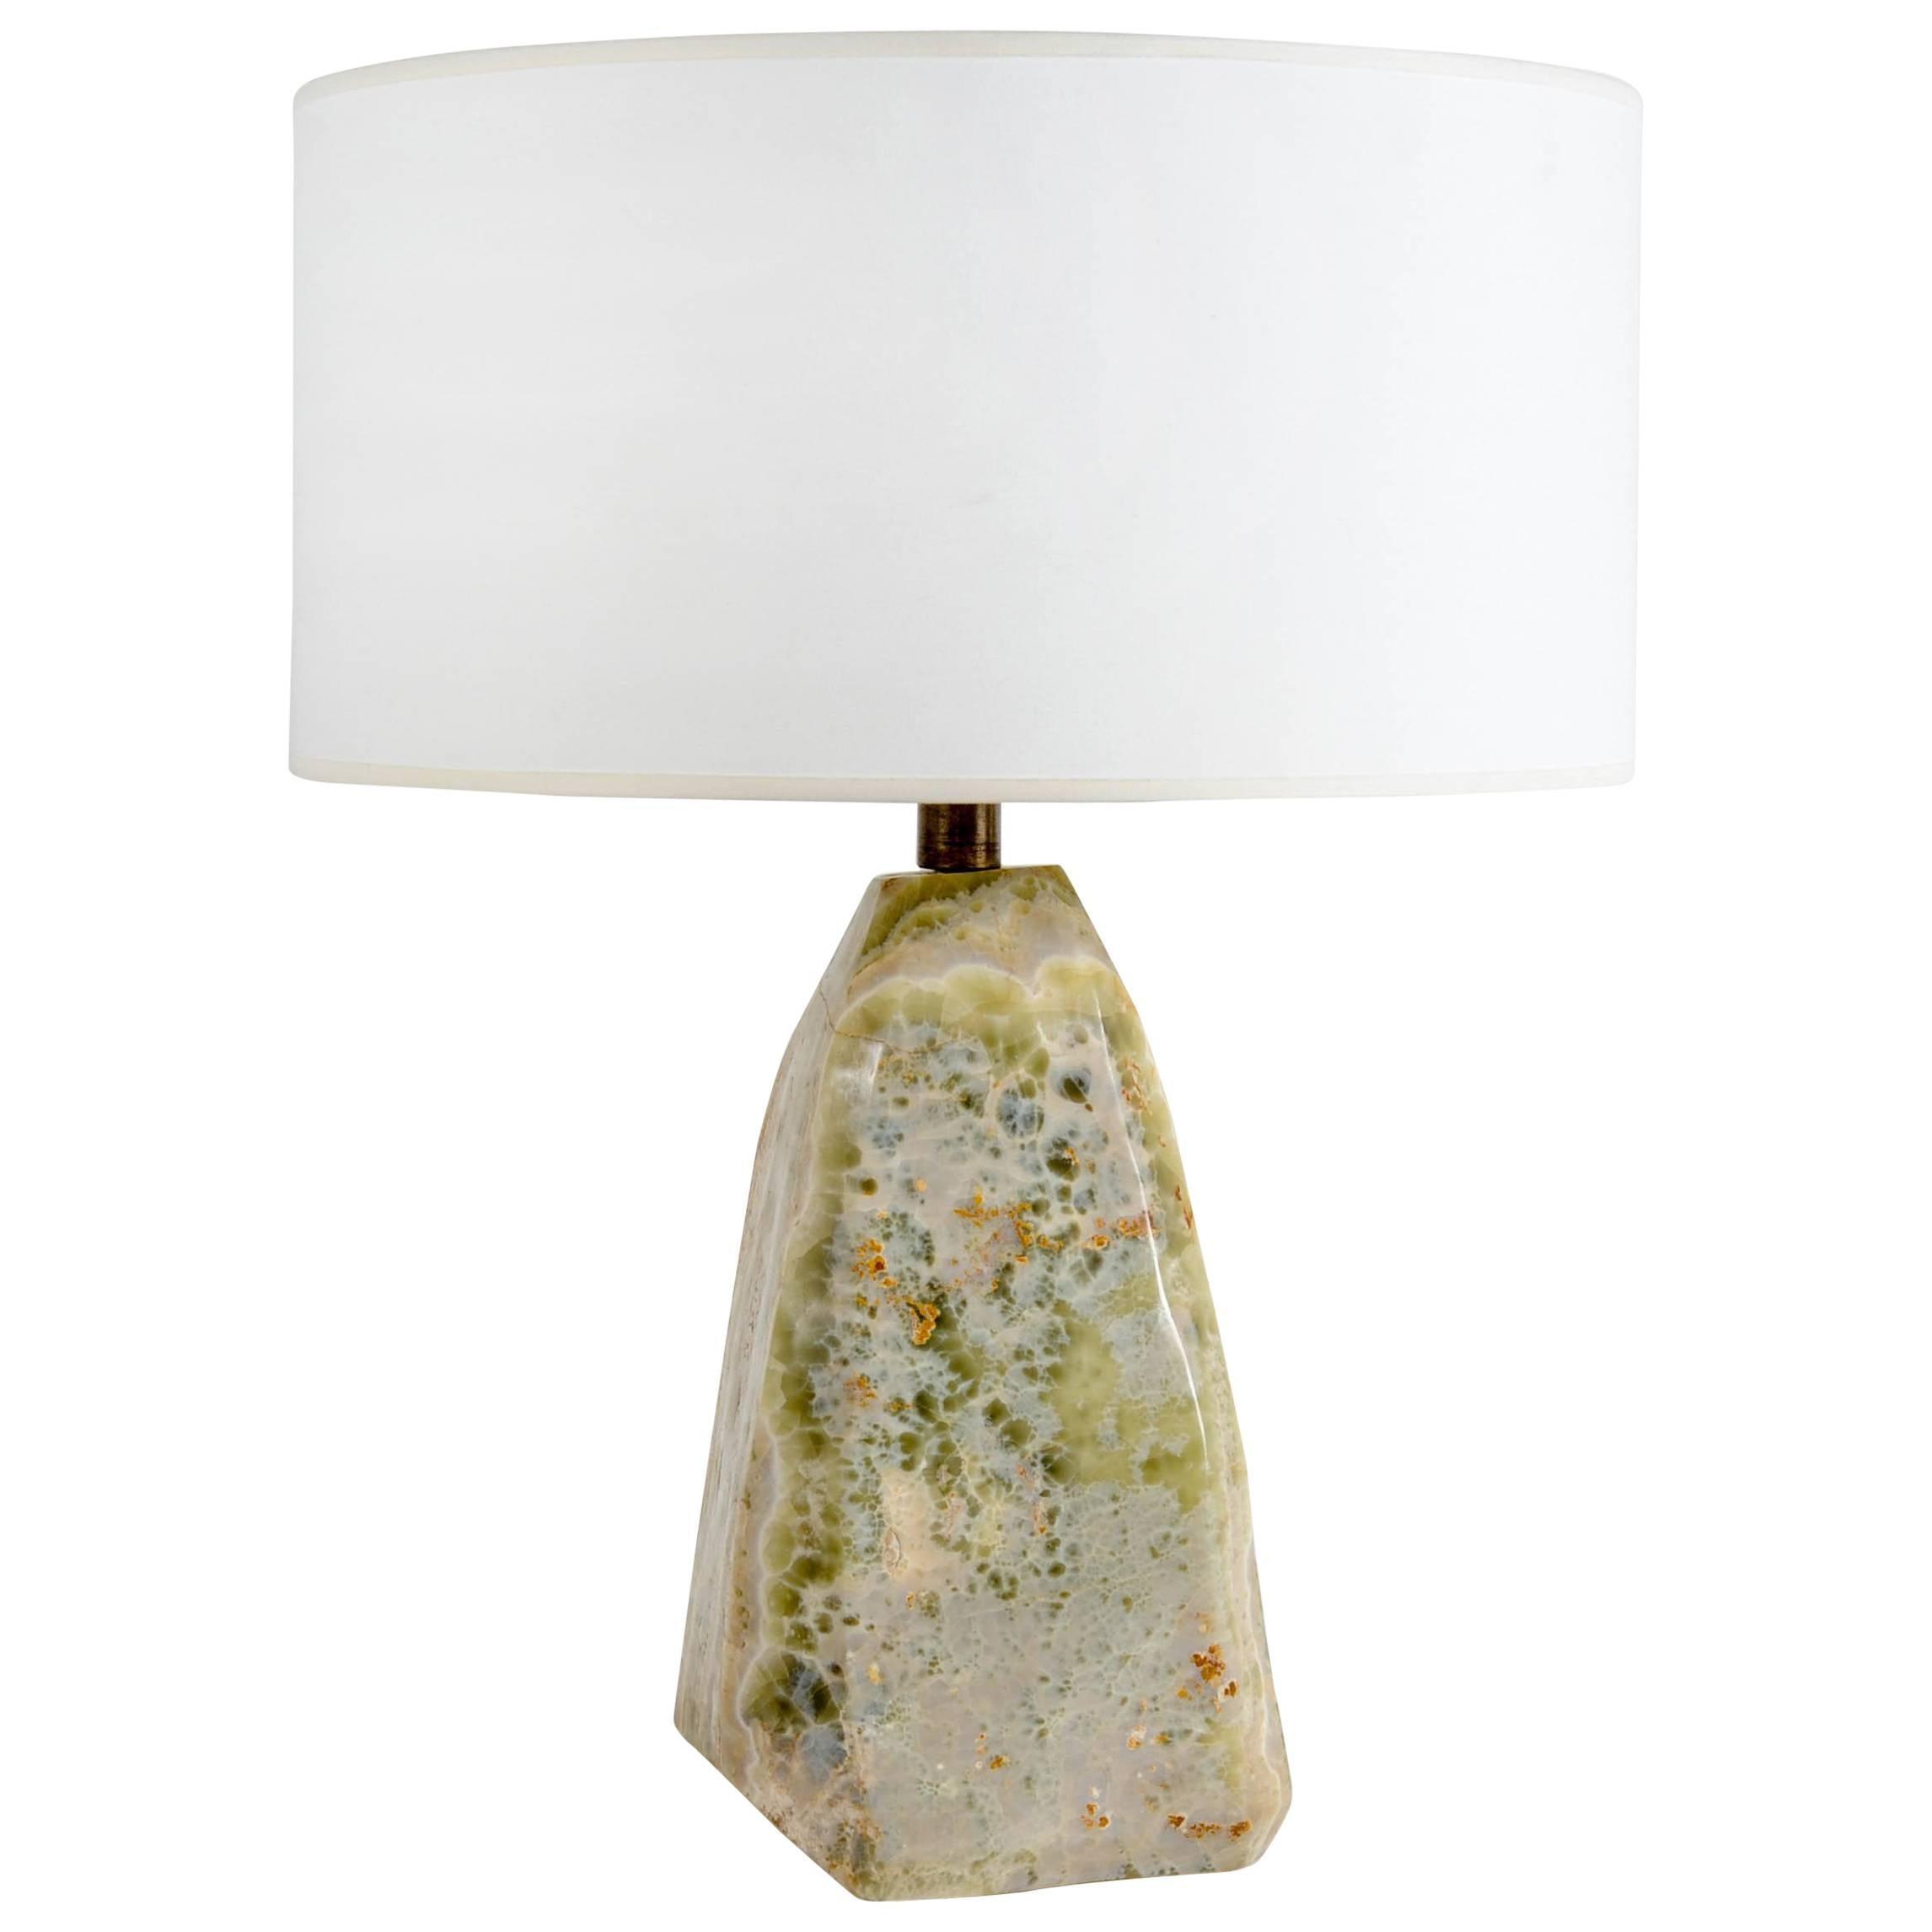 Brutalist Onyx Table Lamp